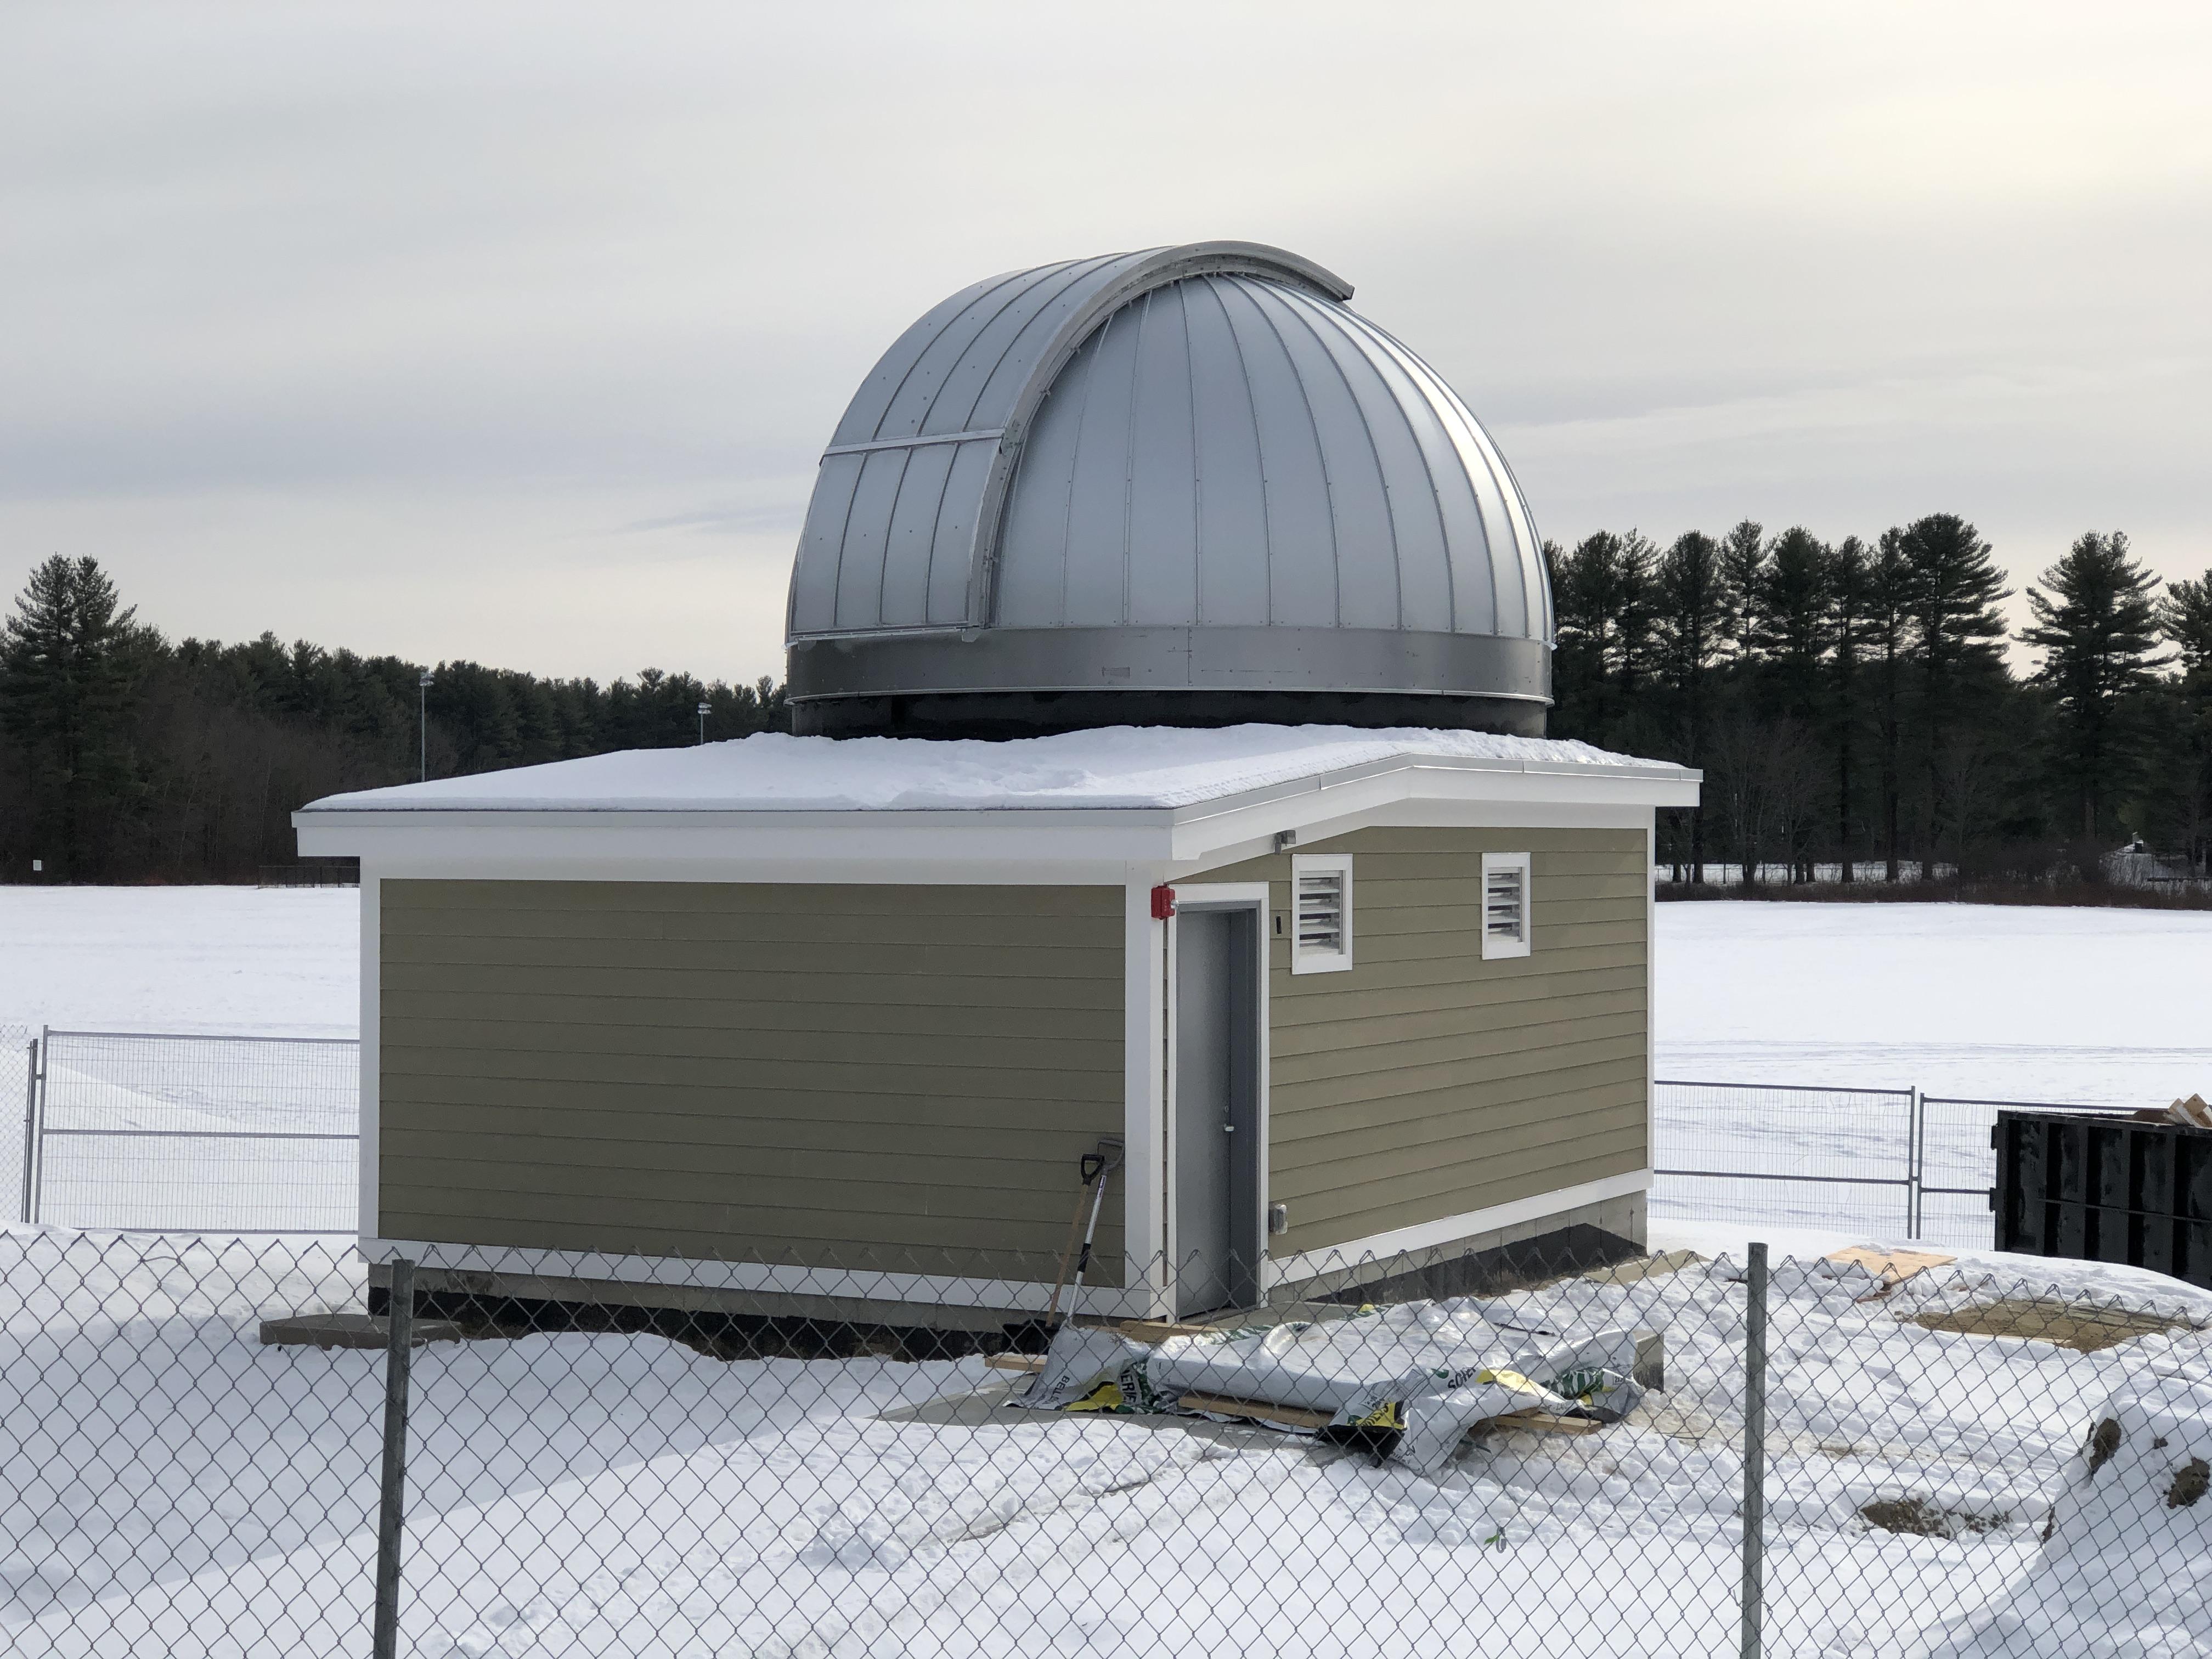 Roof is complete. Dome is complete. Door has been installed.